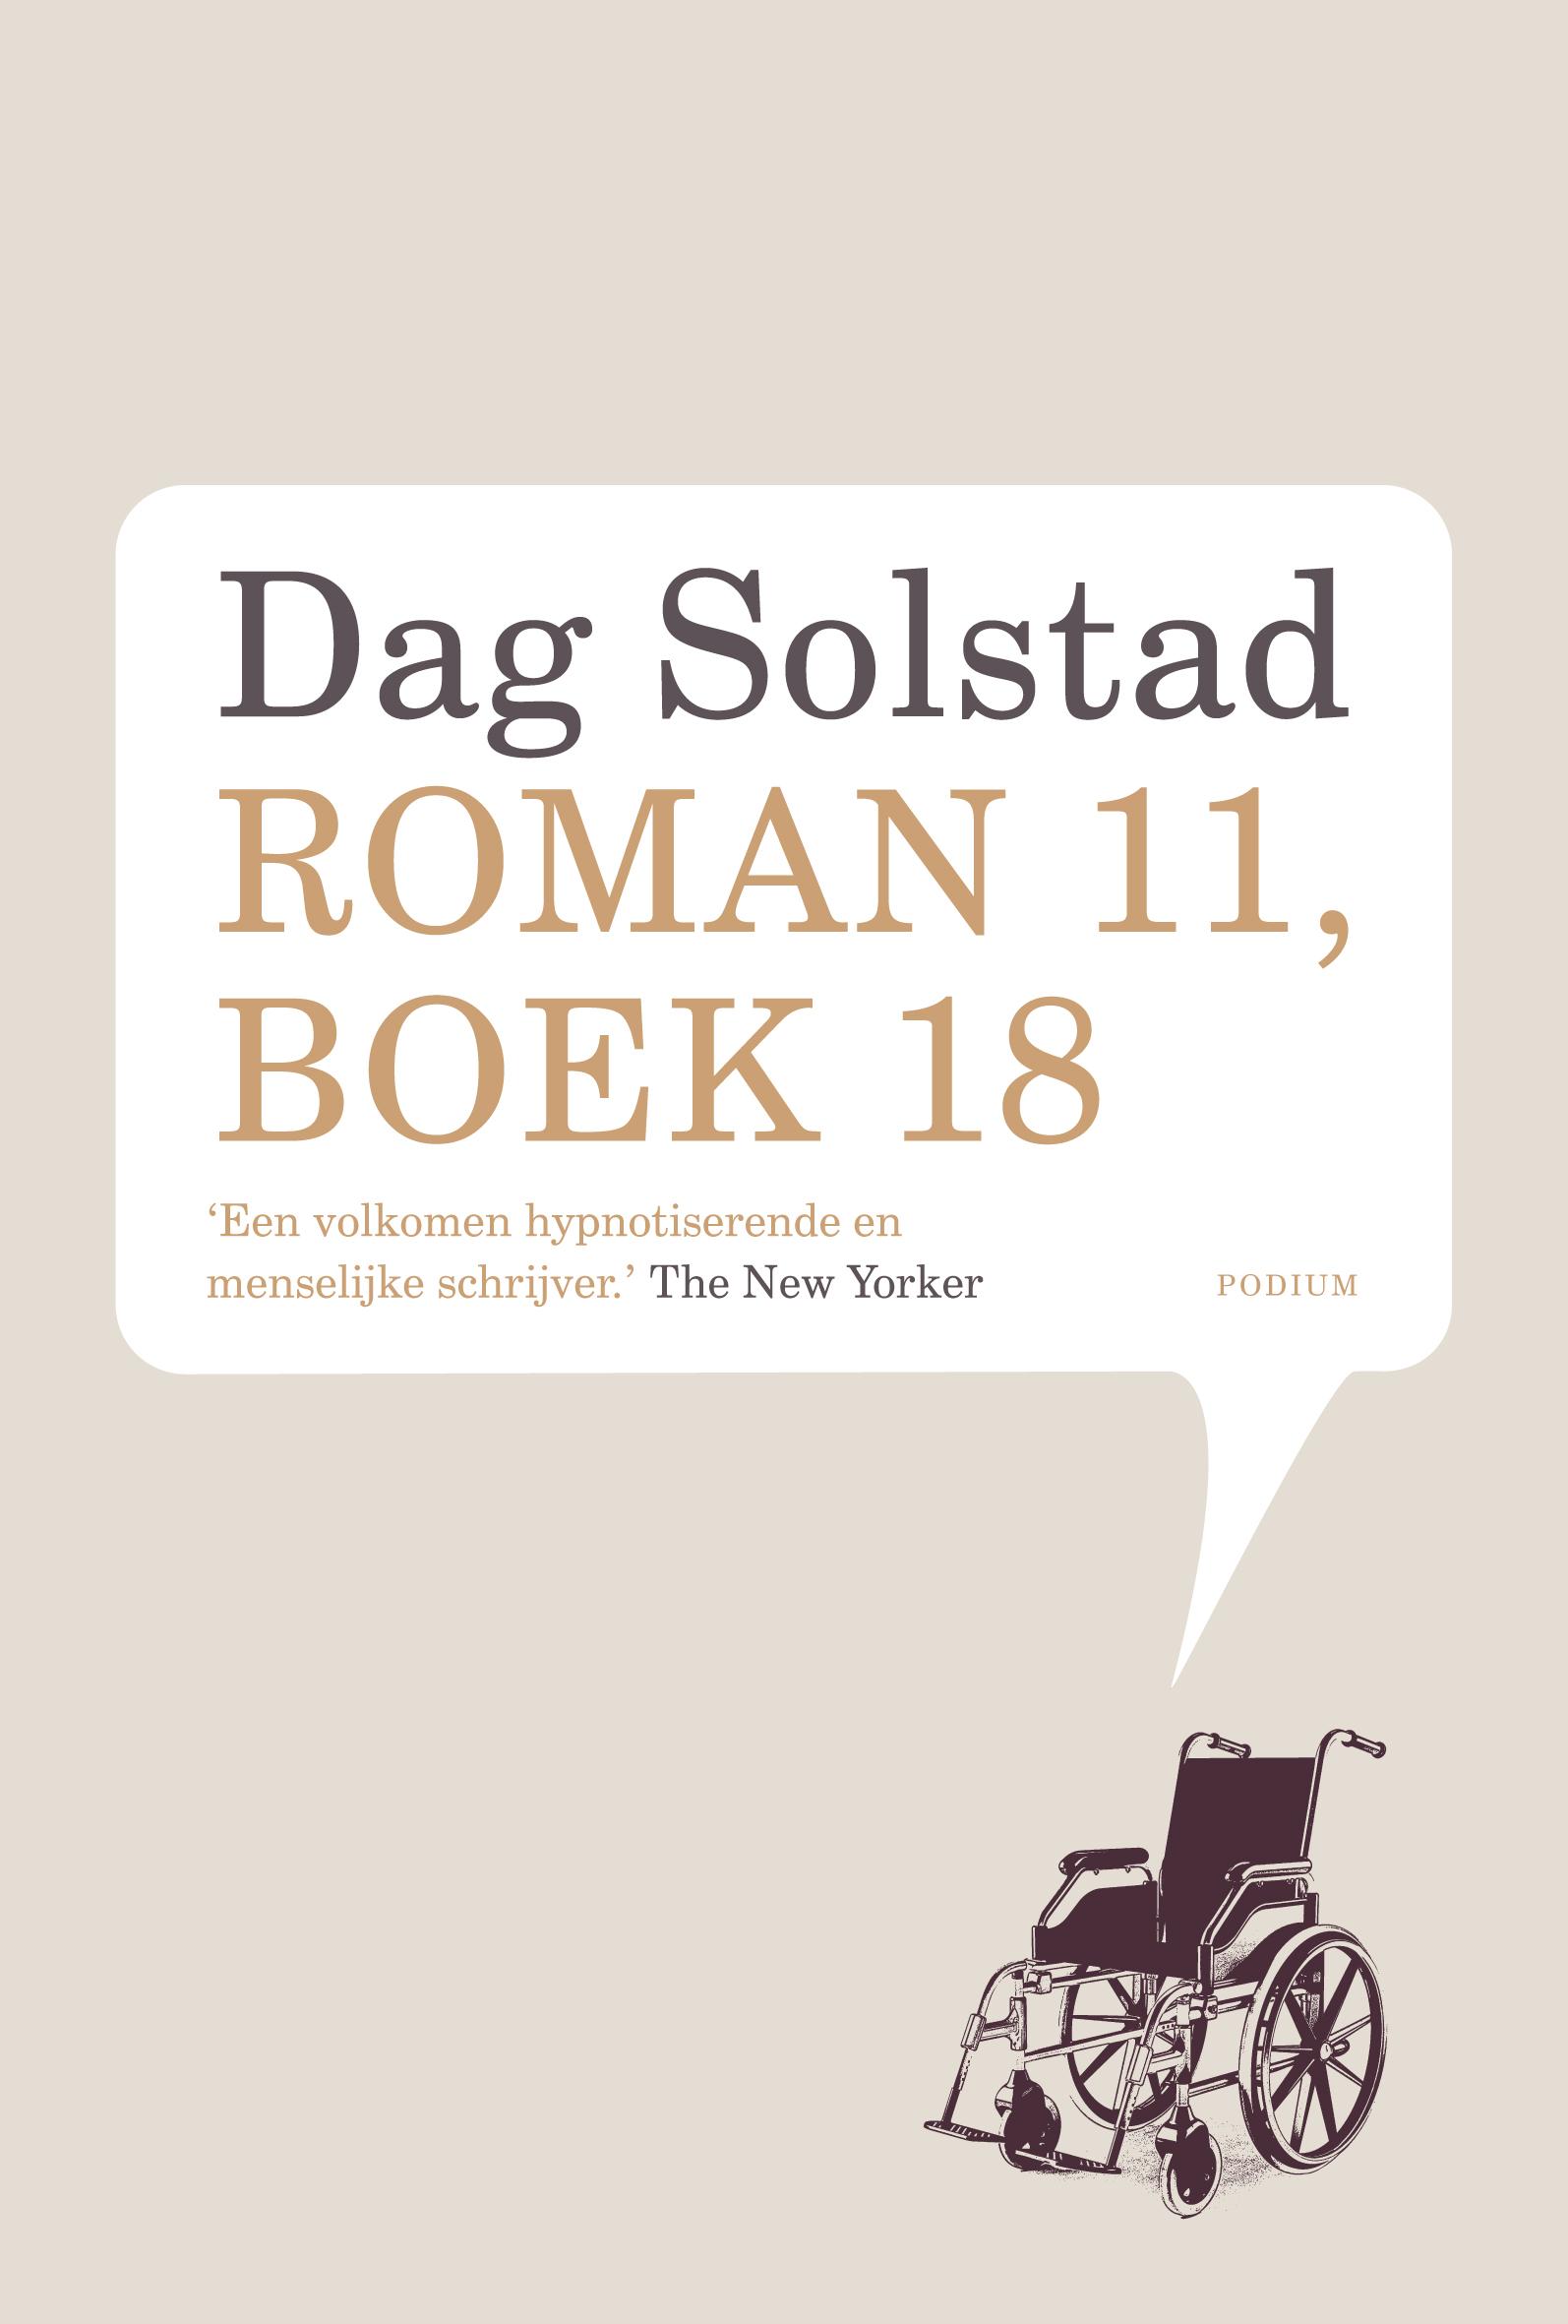 Roman 11, boek 18 - boekenflits